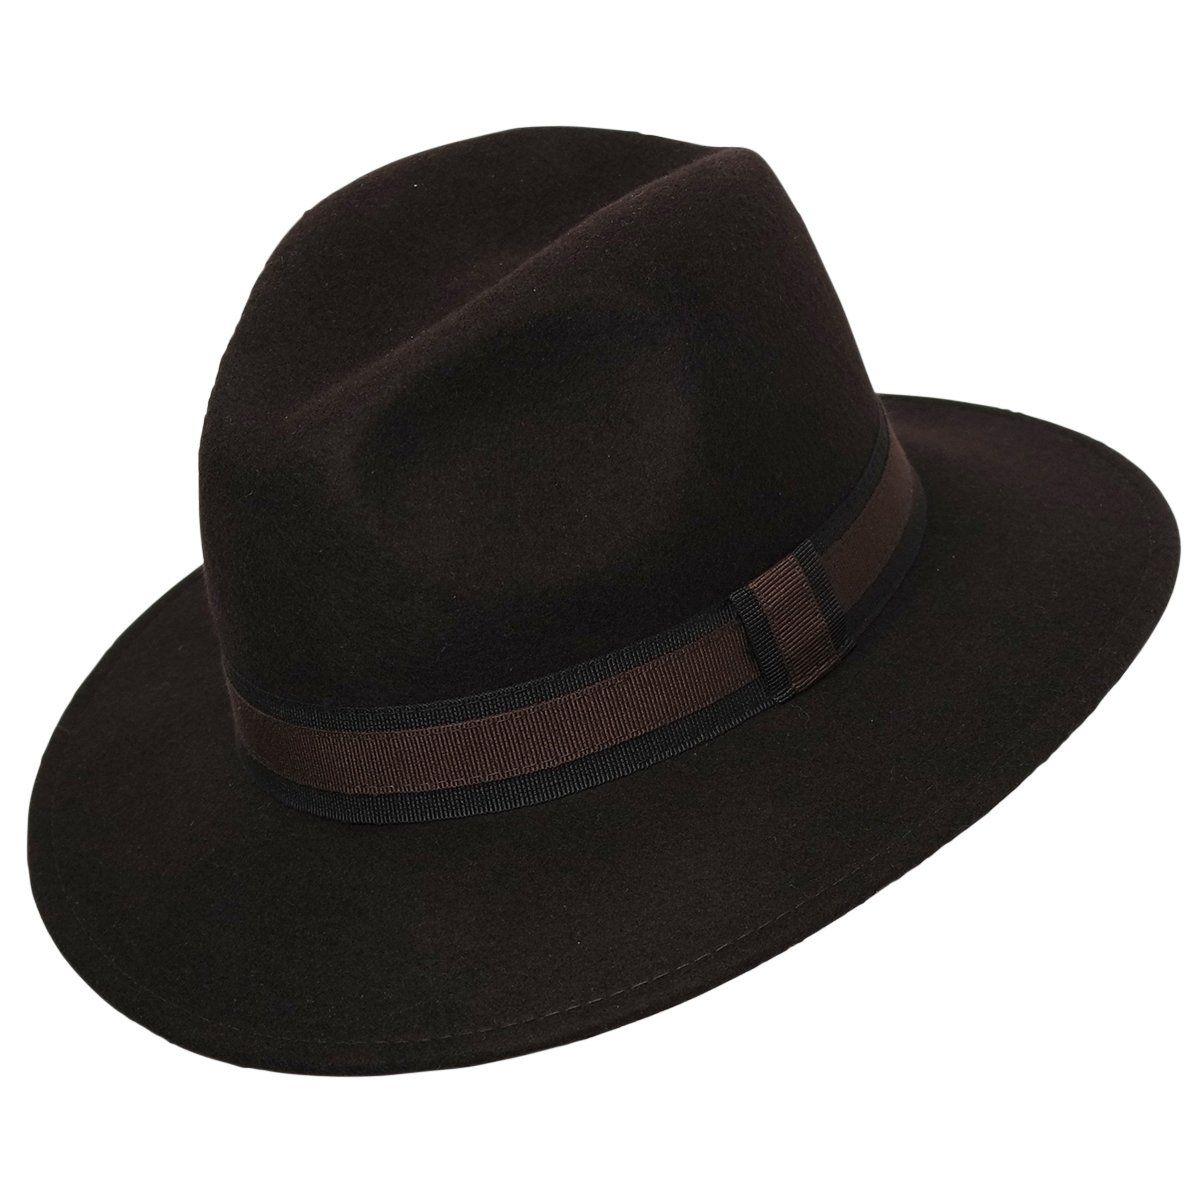 Chapeau fédora 100% laine IDRO